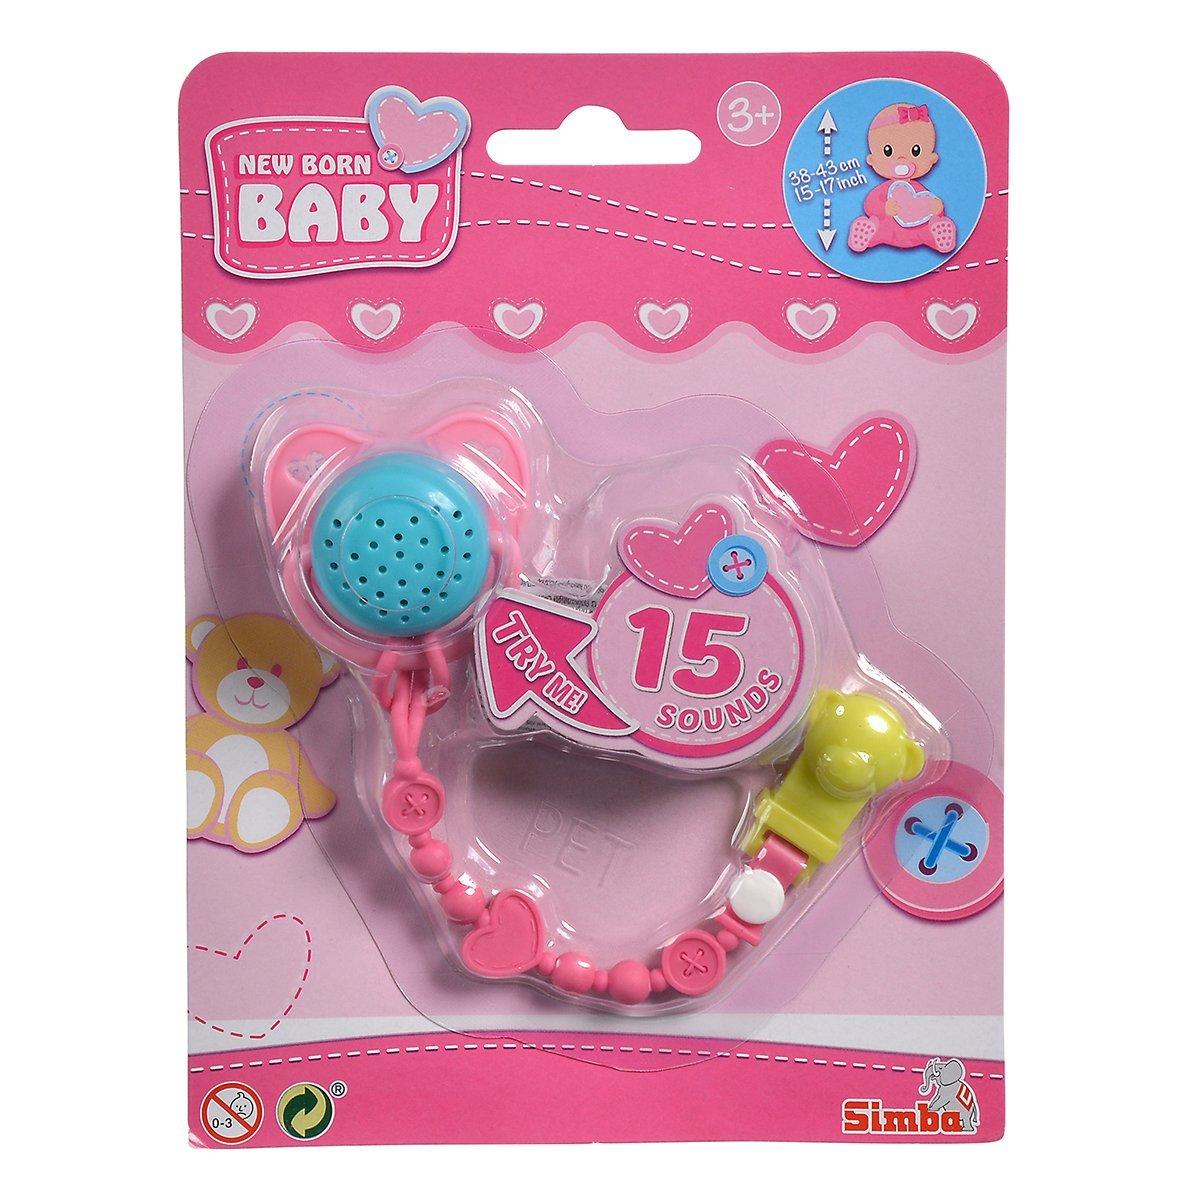 Купить Аксессуары для кукол, Пустышка для пупса New Born Baby 15 звуков (в ассорт) 5560118 ТМ: New Born Baby